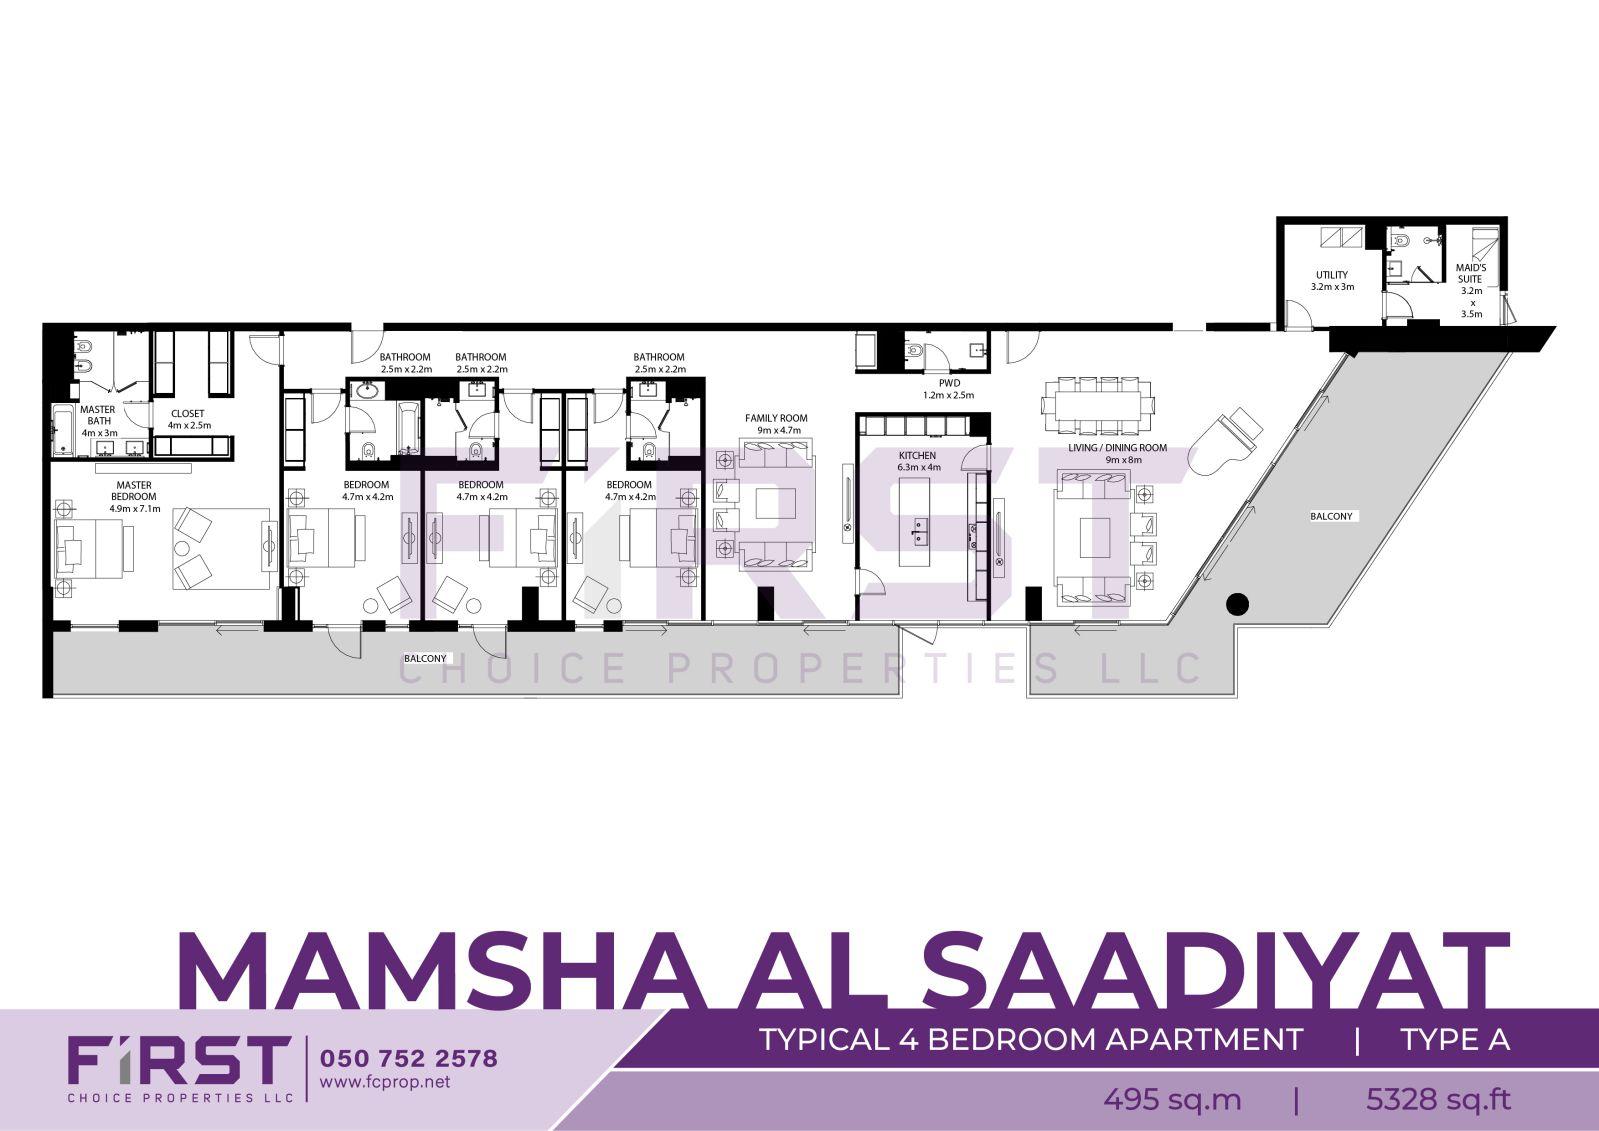 Floor Plan of Typical 4 Bedroom Apartment Type A in Mamsha Al Saadiyat Abu Dhabi UAE 495  sq.m 5328 sq.ft.jpg